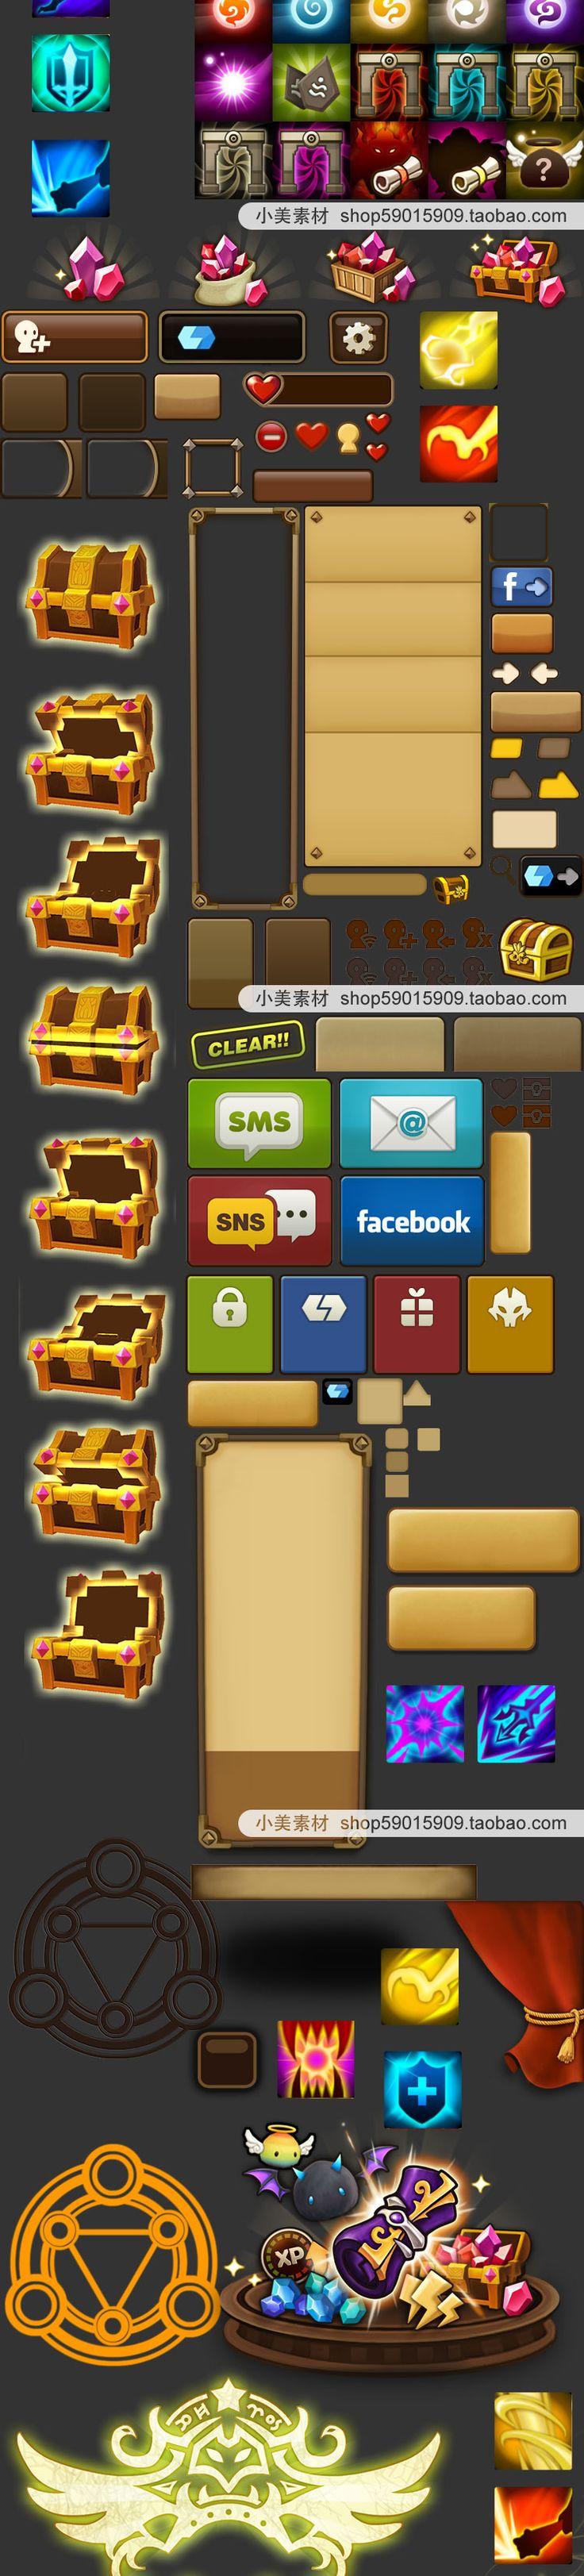 游戏UI 美术资源 韩游 魇幻灵召 UI素材场景icon图标模型-淘宝网全球站